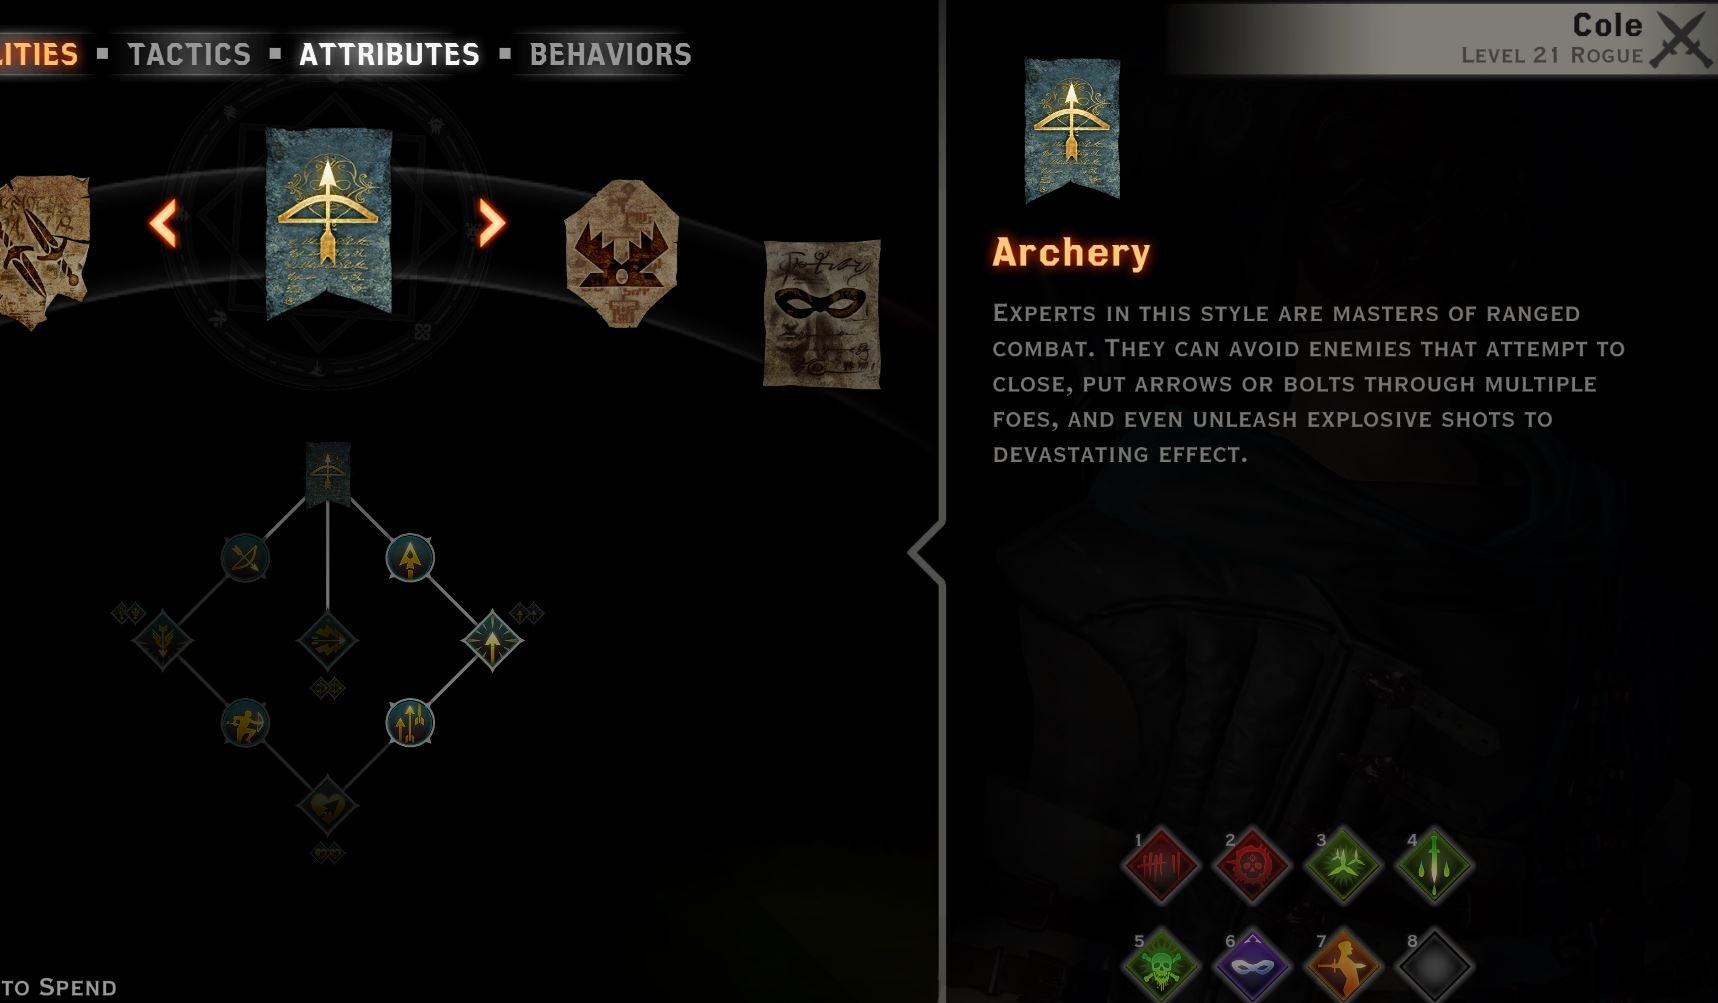 Cole dw build Archery tree.JPG